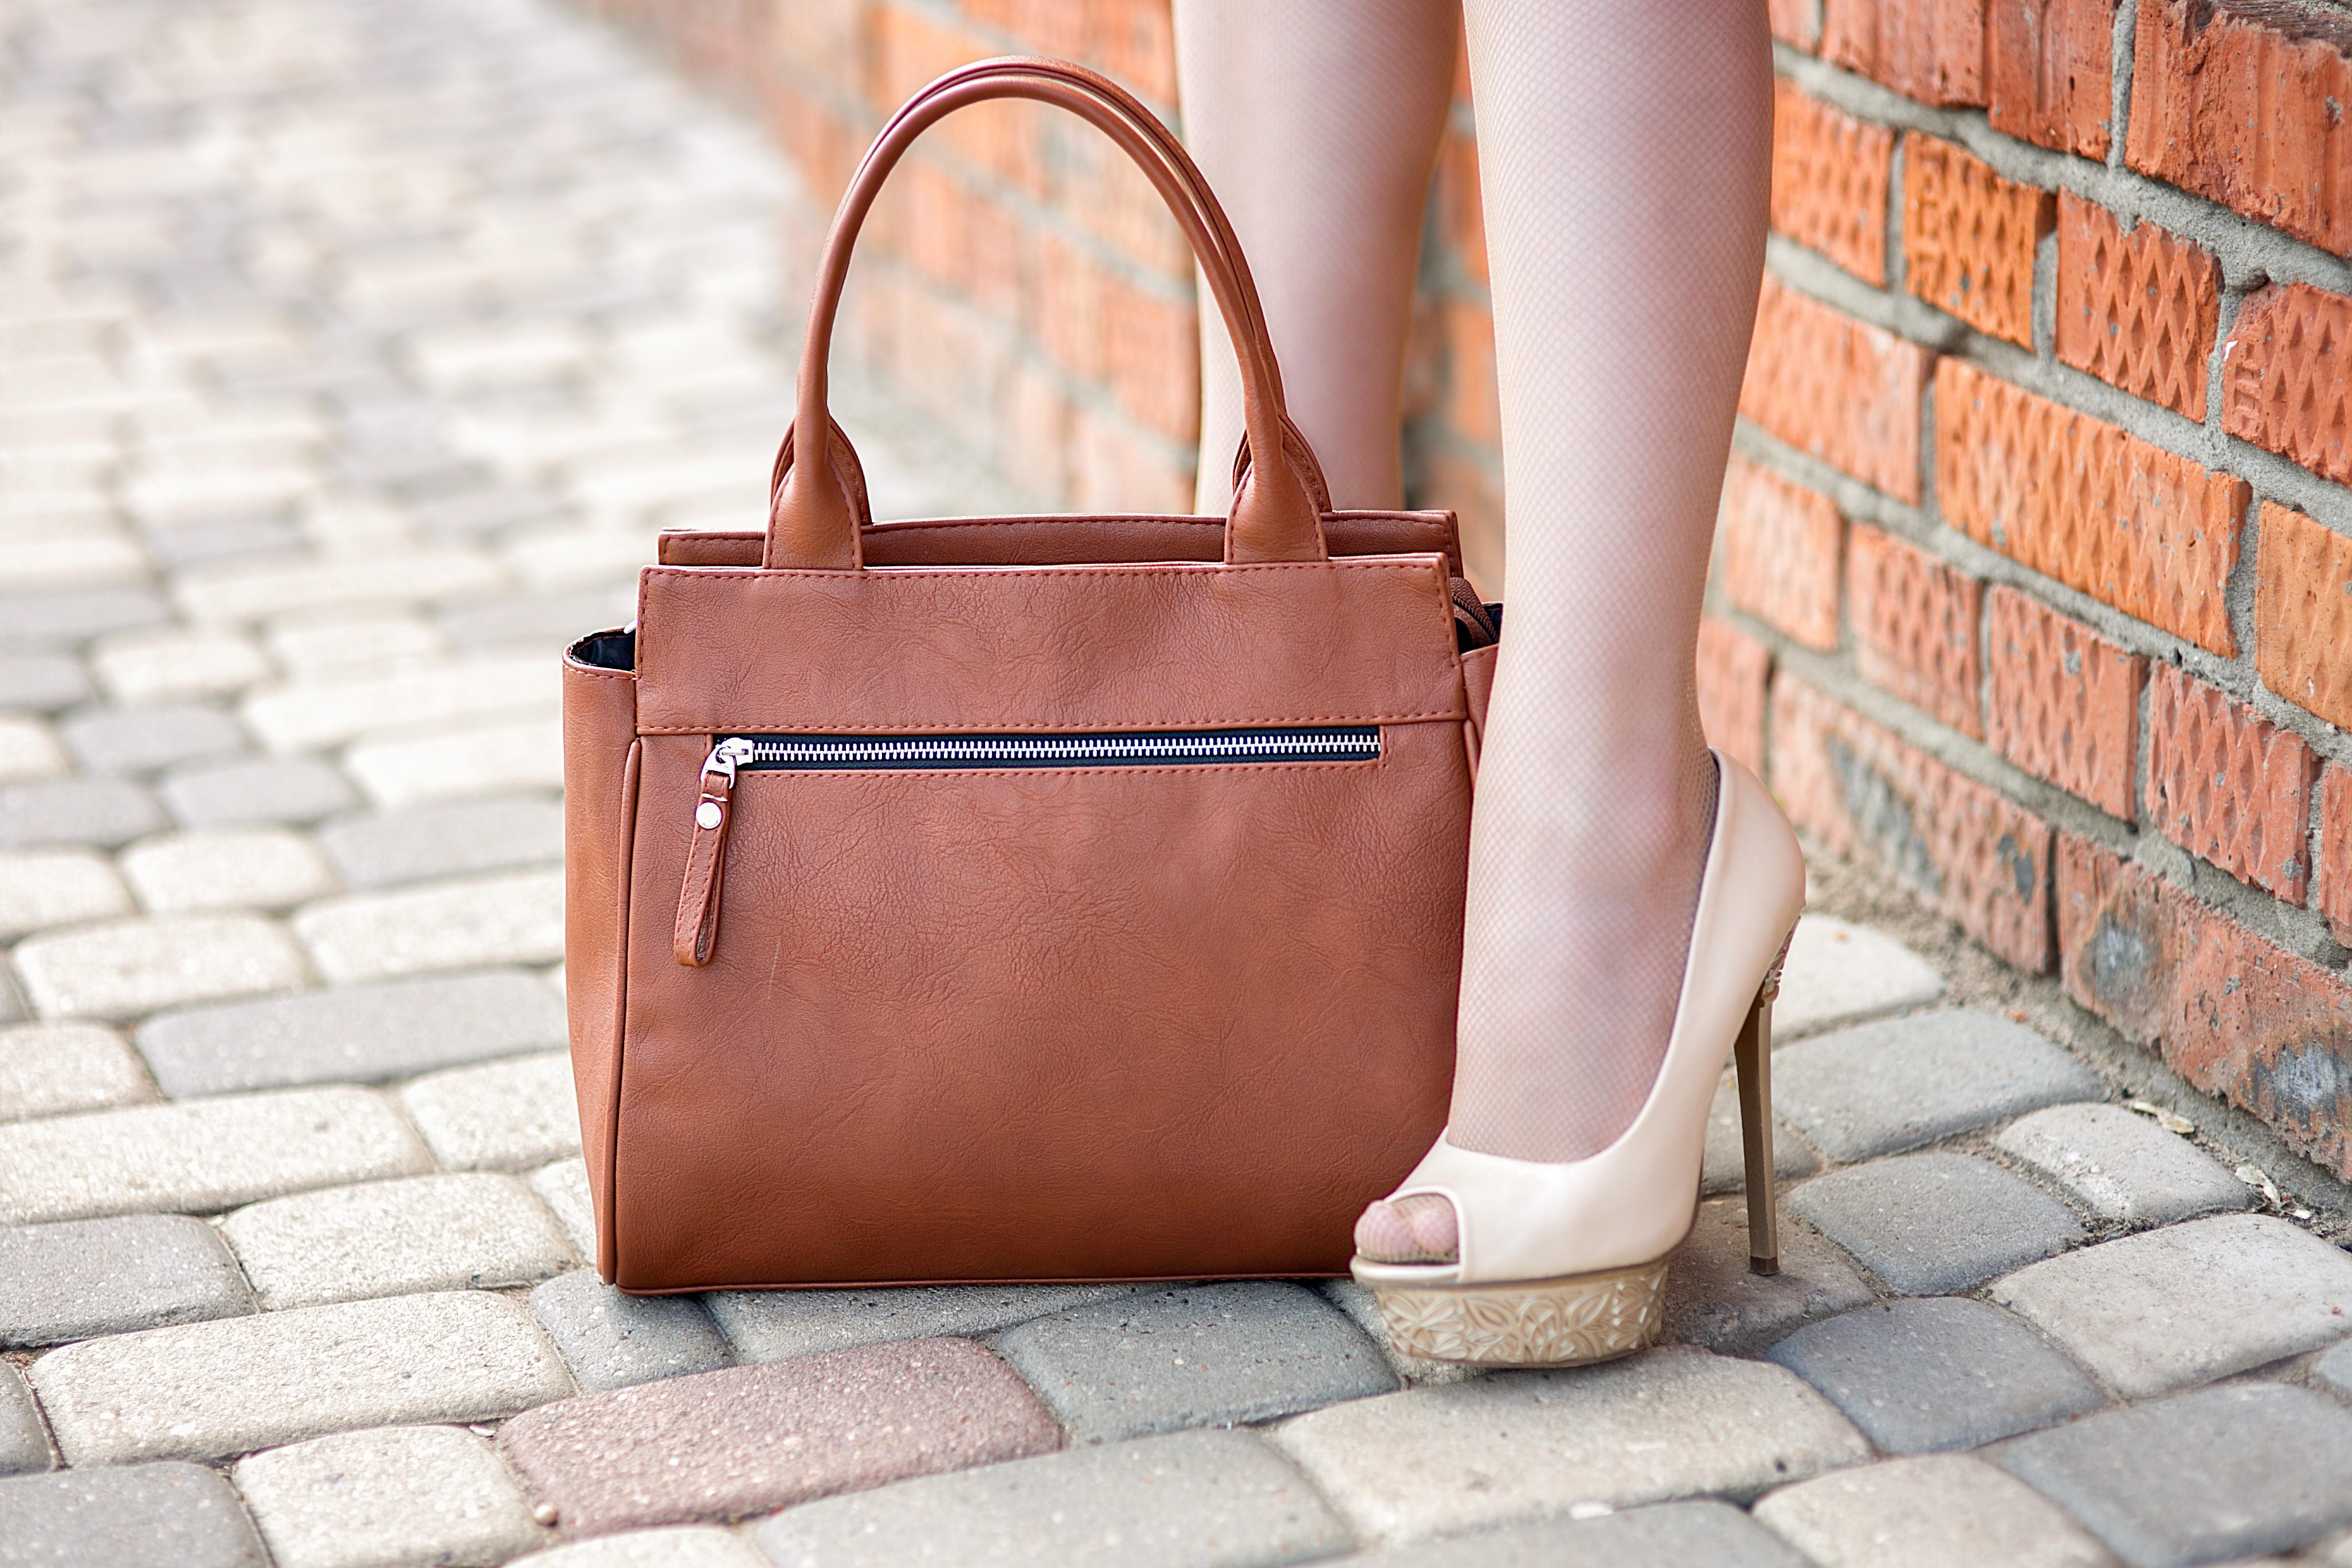 Сбор заказов. Фабричные сумочки от российского производителя Osso! Низкие цены! Новинки уже в галерее! Огромный